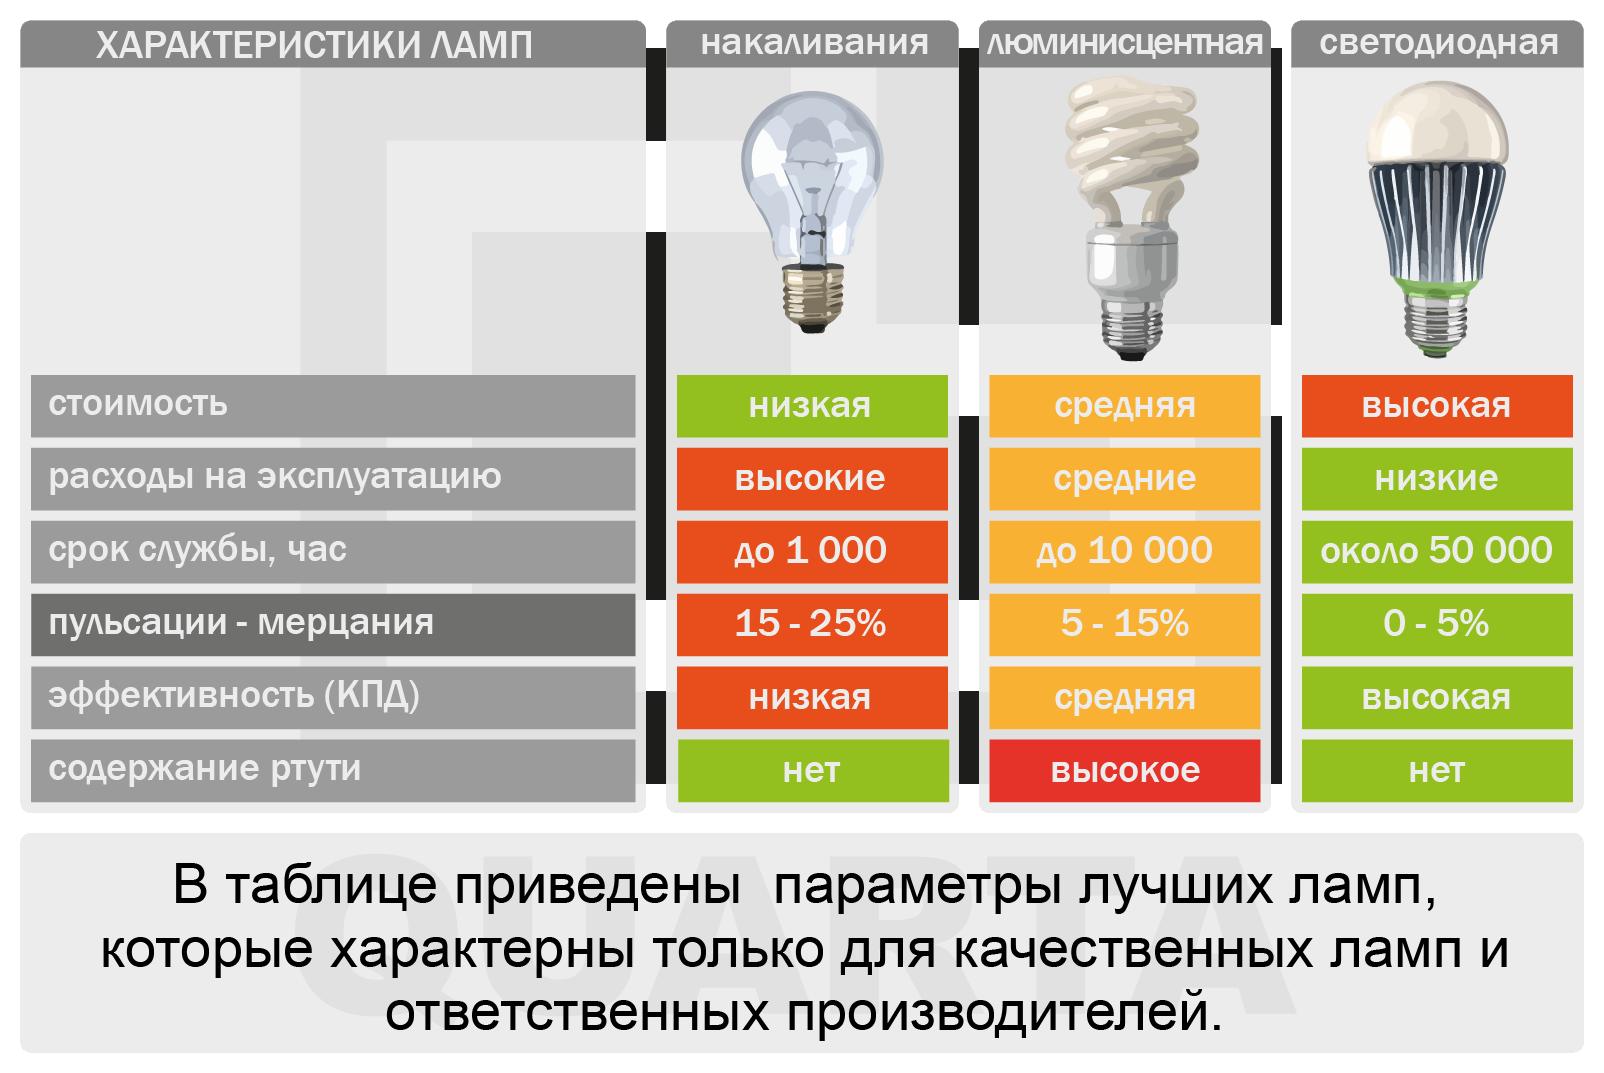 Сравнение характеристик ламп.